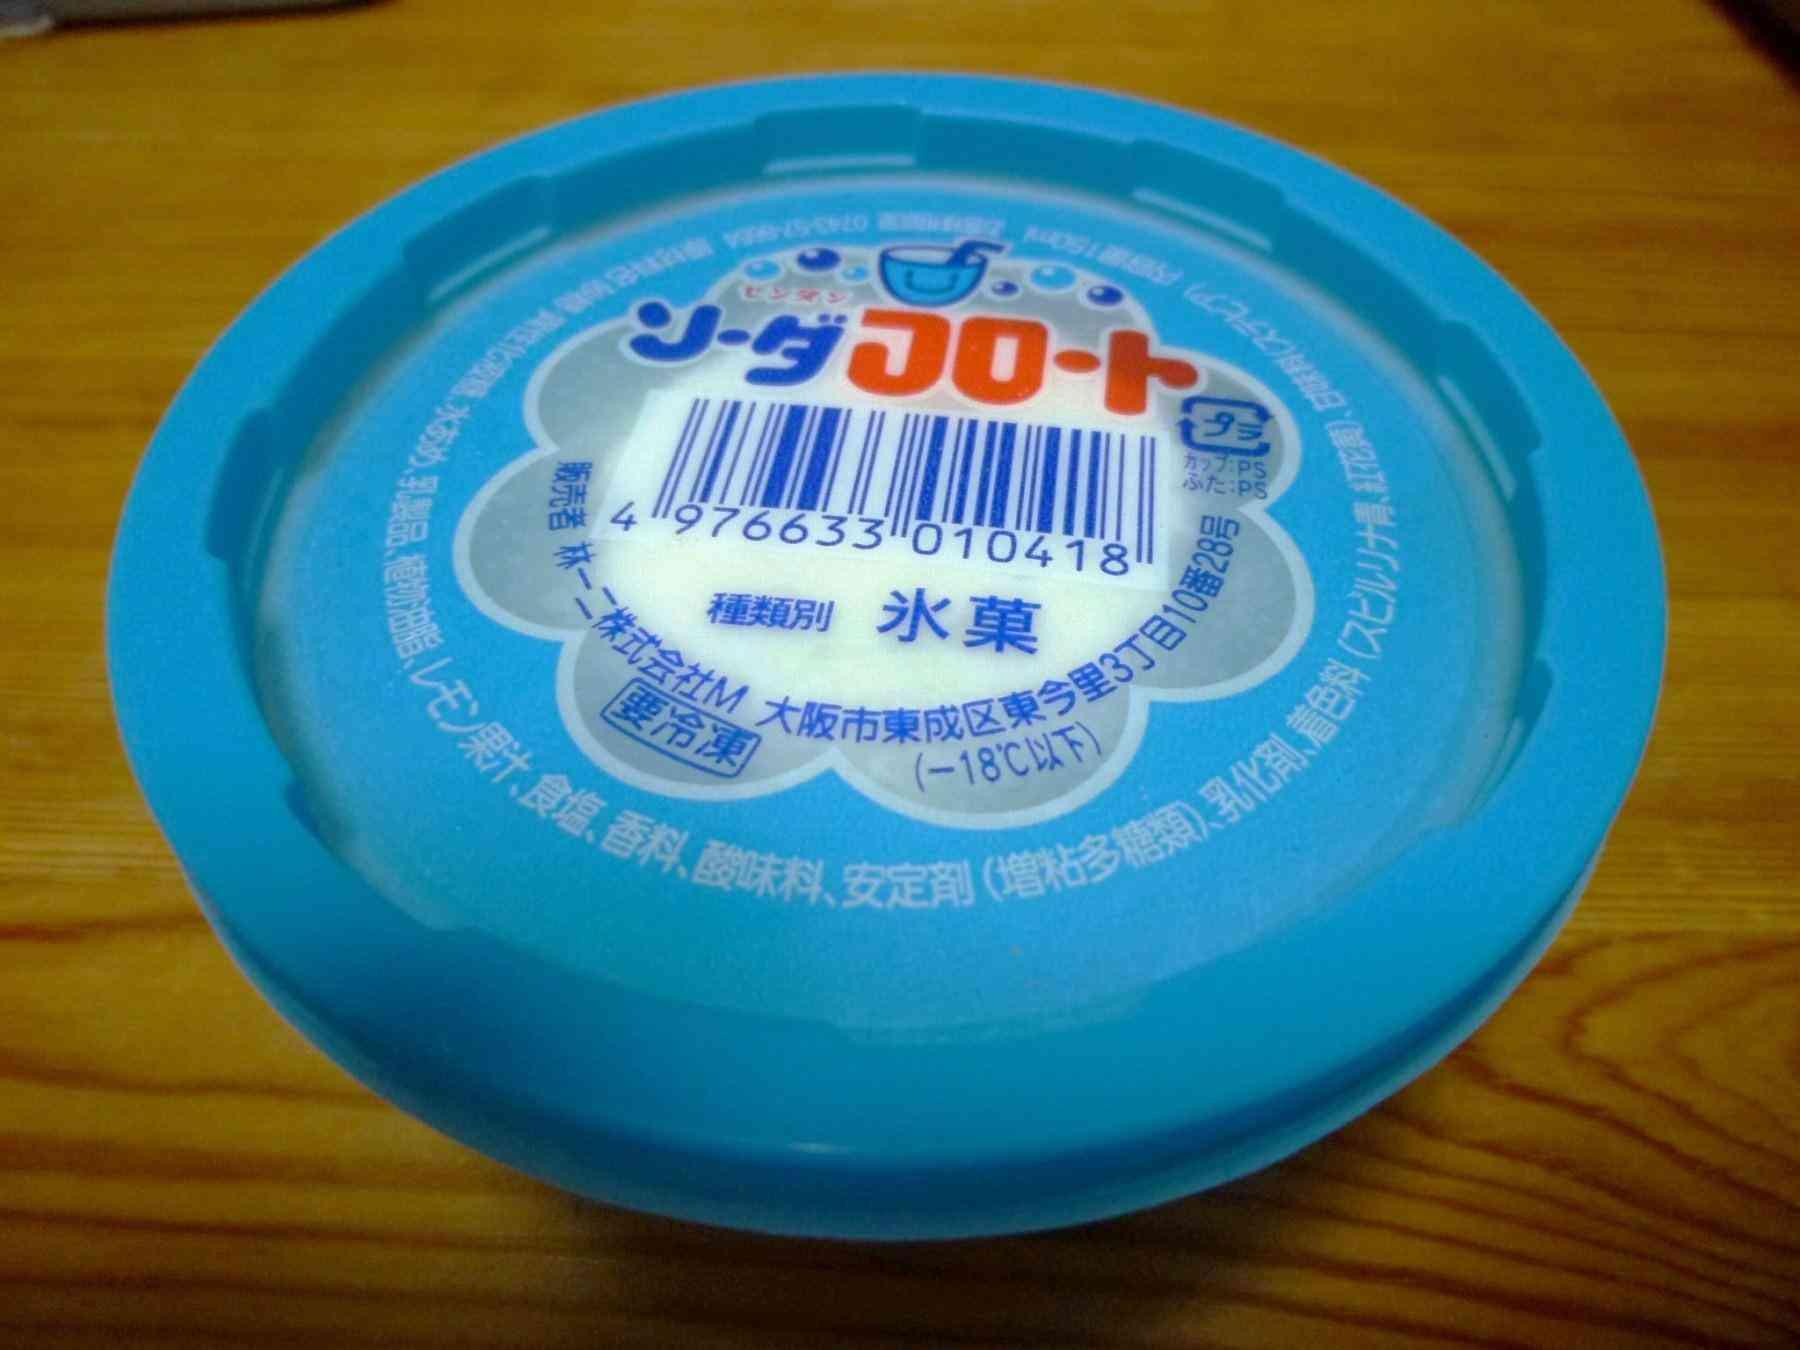 好きな「氷菓」のアイスは何ですか?